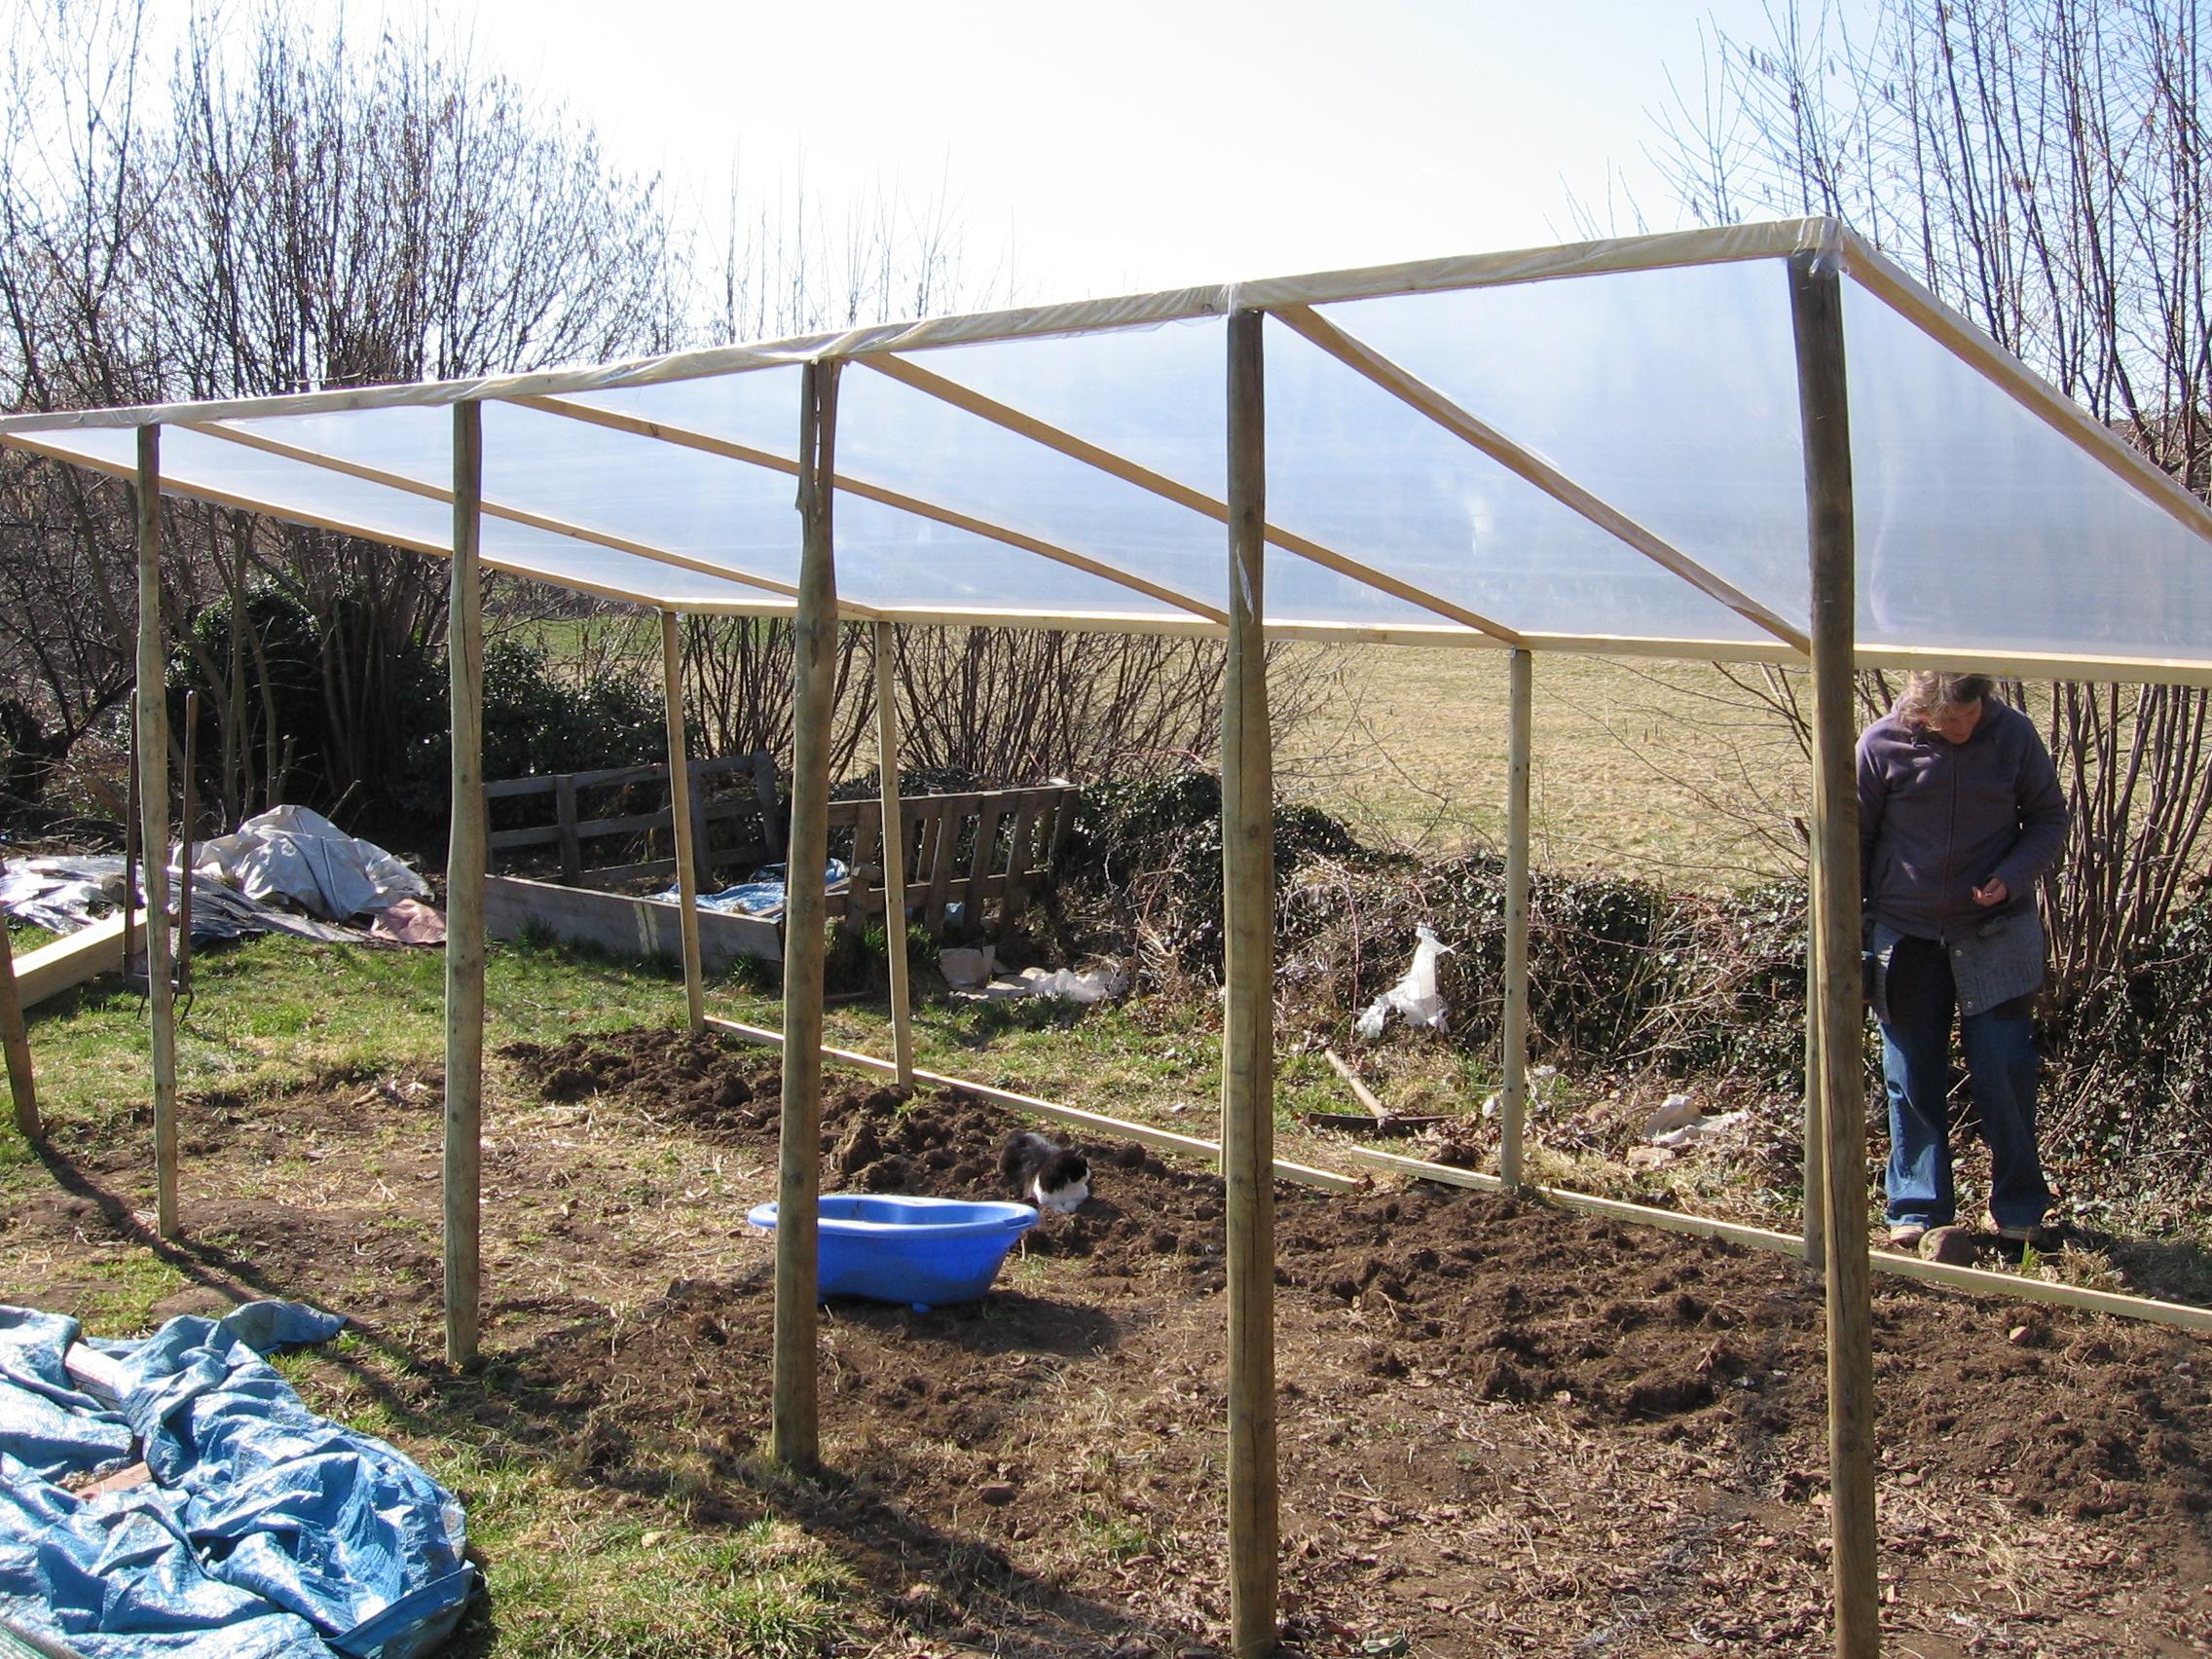 Comment Construire Une Serre Pas Chère Dans Son Jardin | Le ... avec Fabriquer Une Serre De Jardin